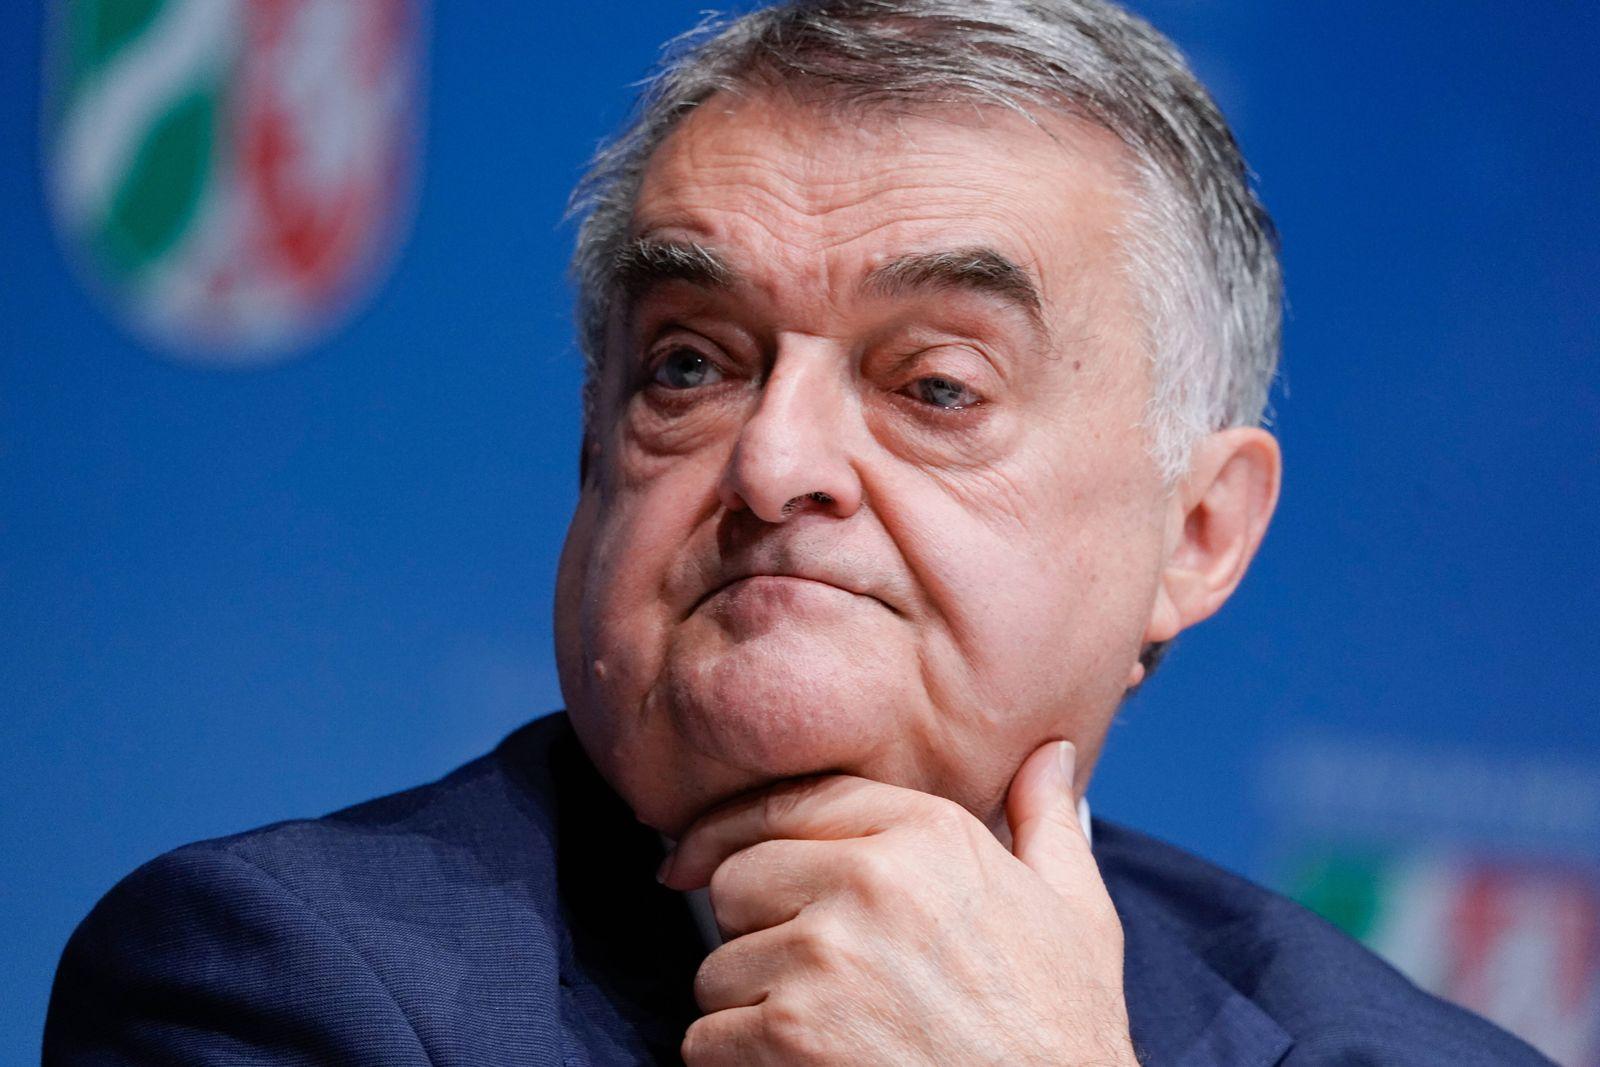 Innenminister von NRW bei seinem Pressestatement vom 16.09.2020 Aktuell, 16.09.2020, Duesseldorf, Innenminister von NRW